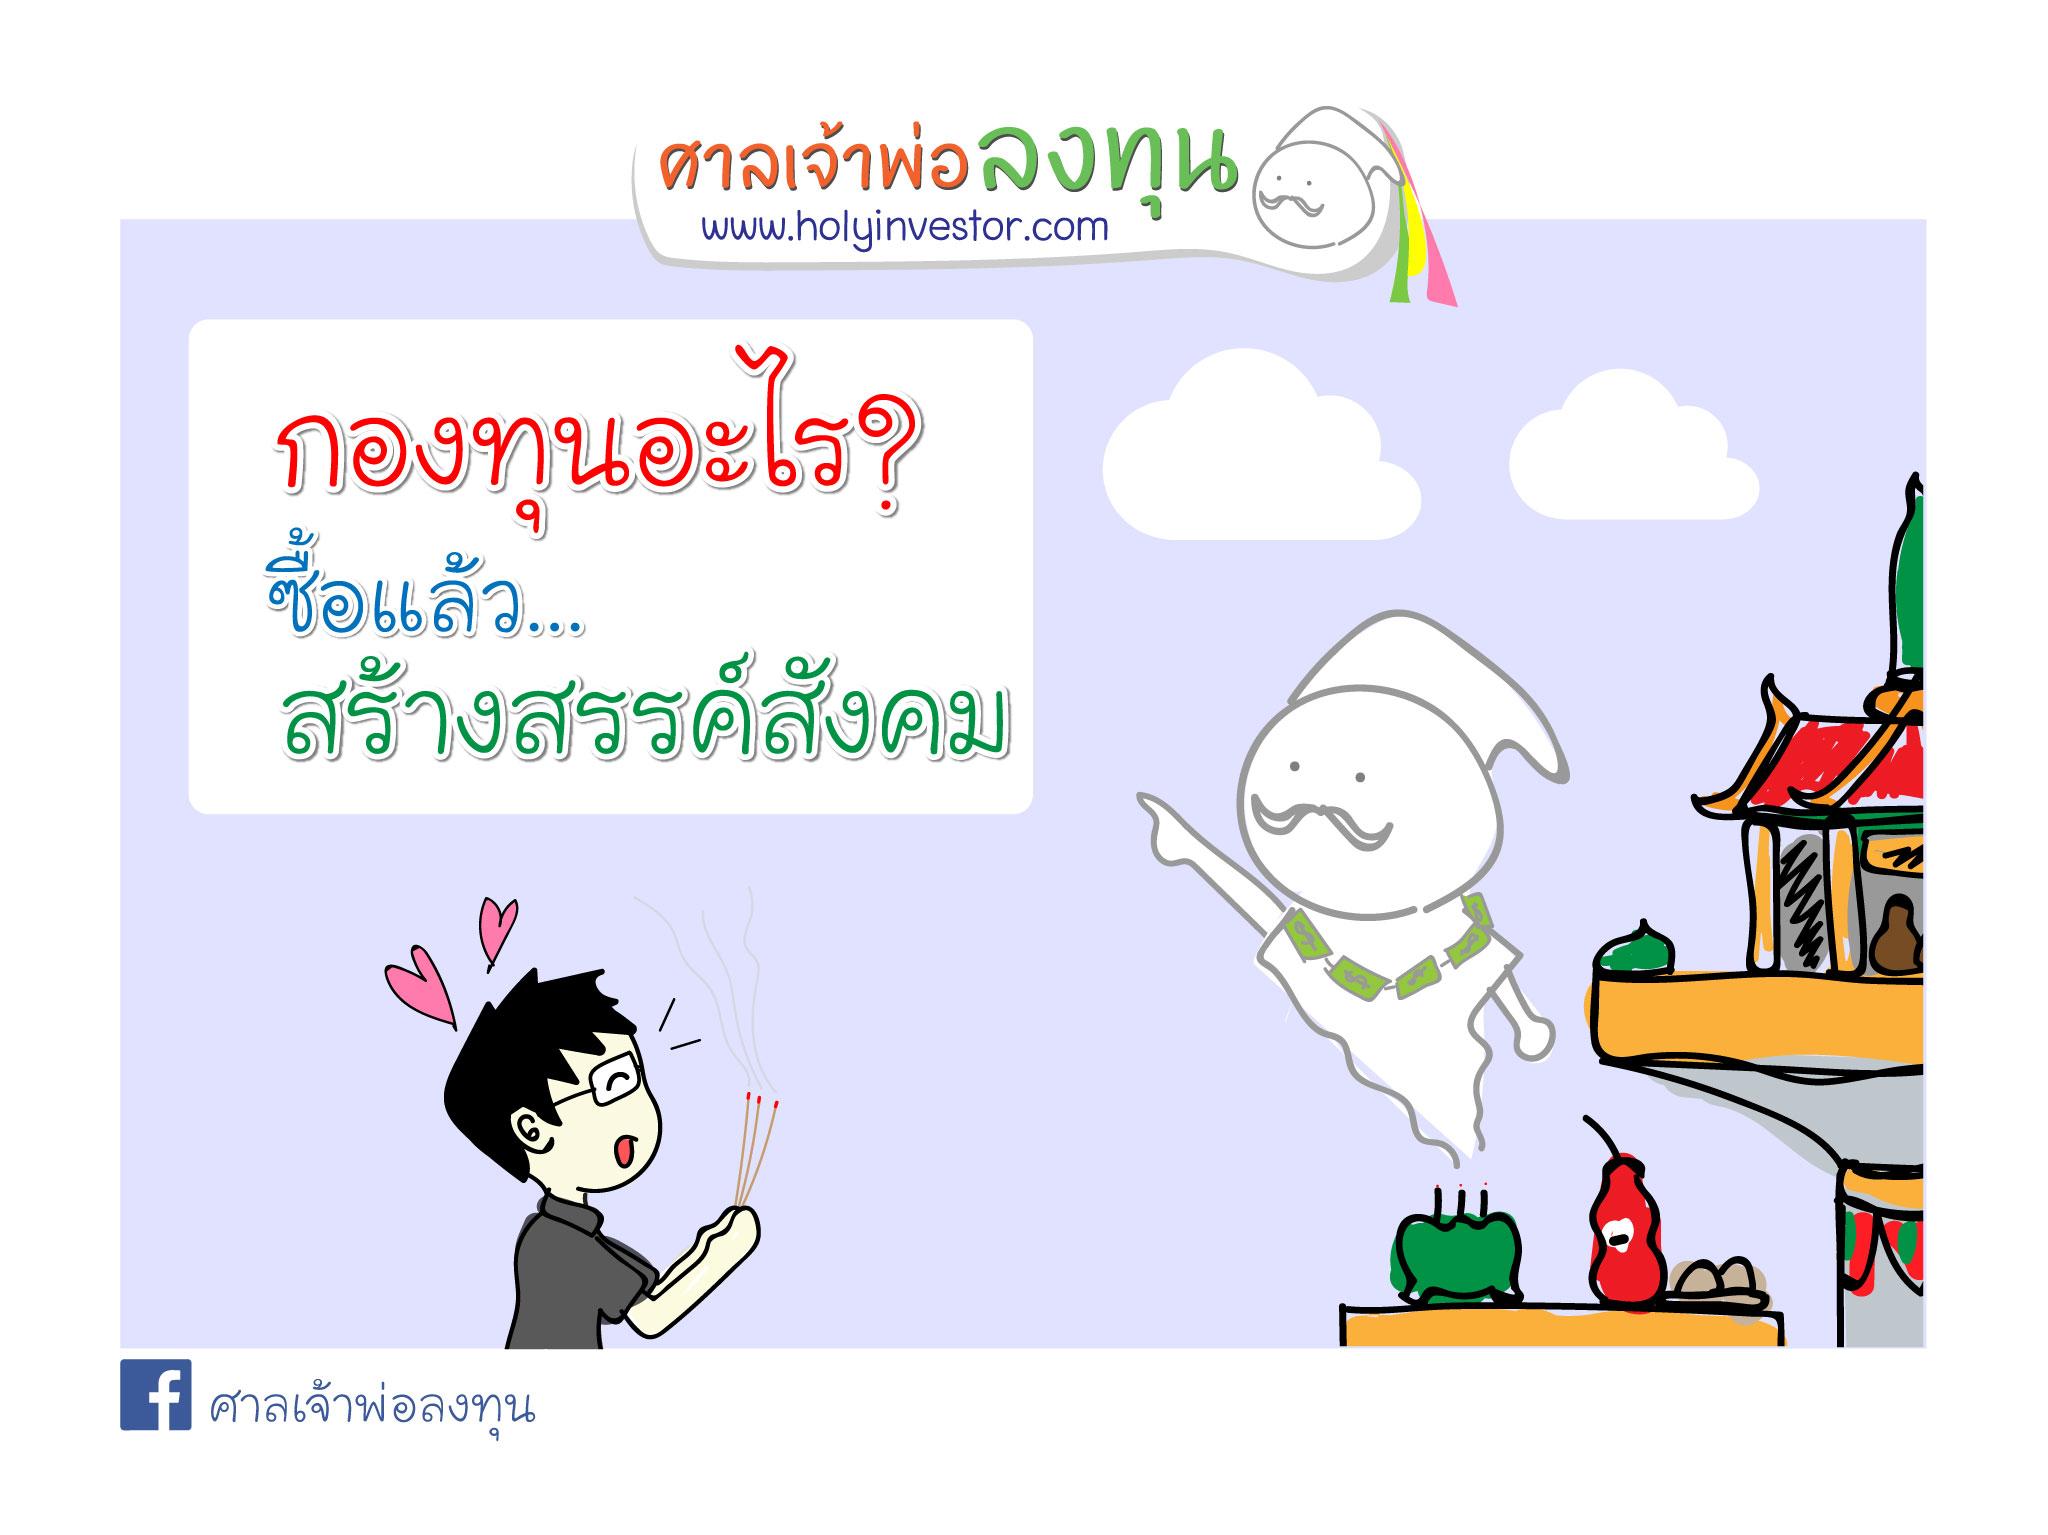 ศาลเจ้าพ่อลงทุน - CG Fund_Artboard 1 copy 00